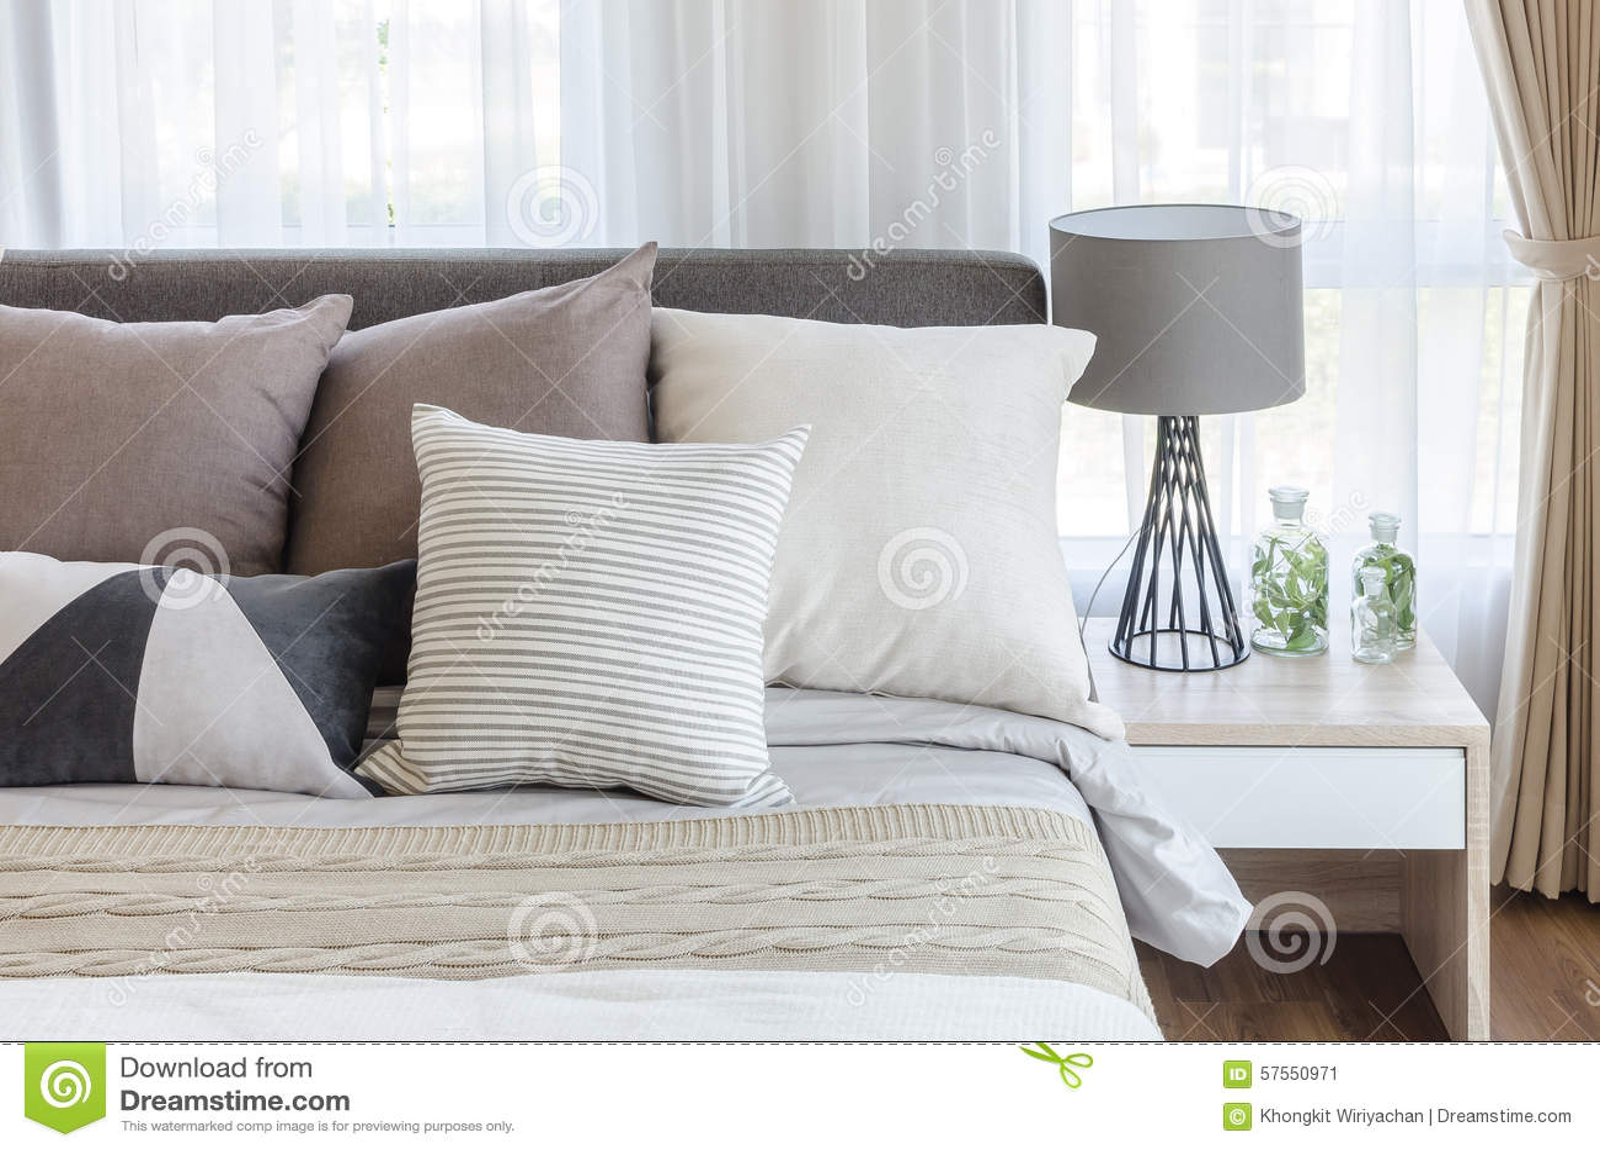 Chambre à coucher moderne de style avec des oreillers sur le lit ...